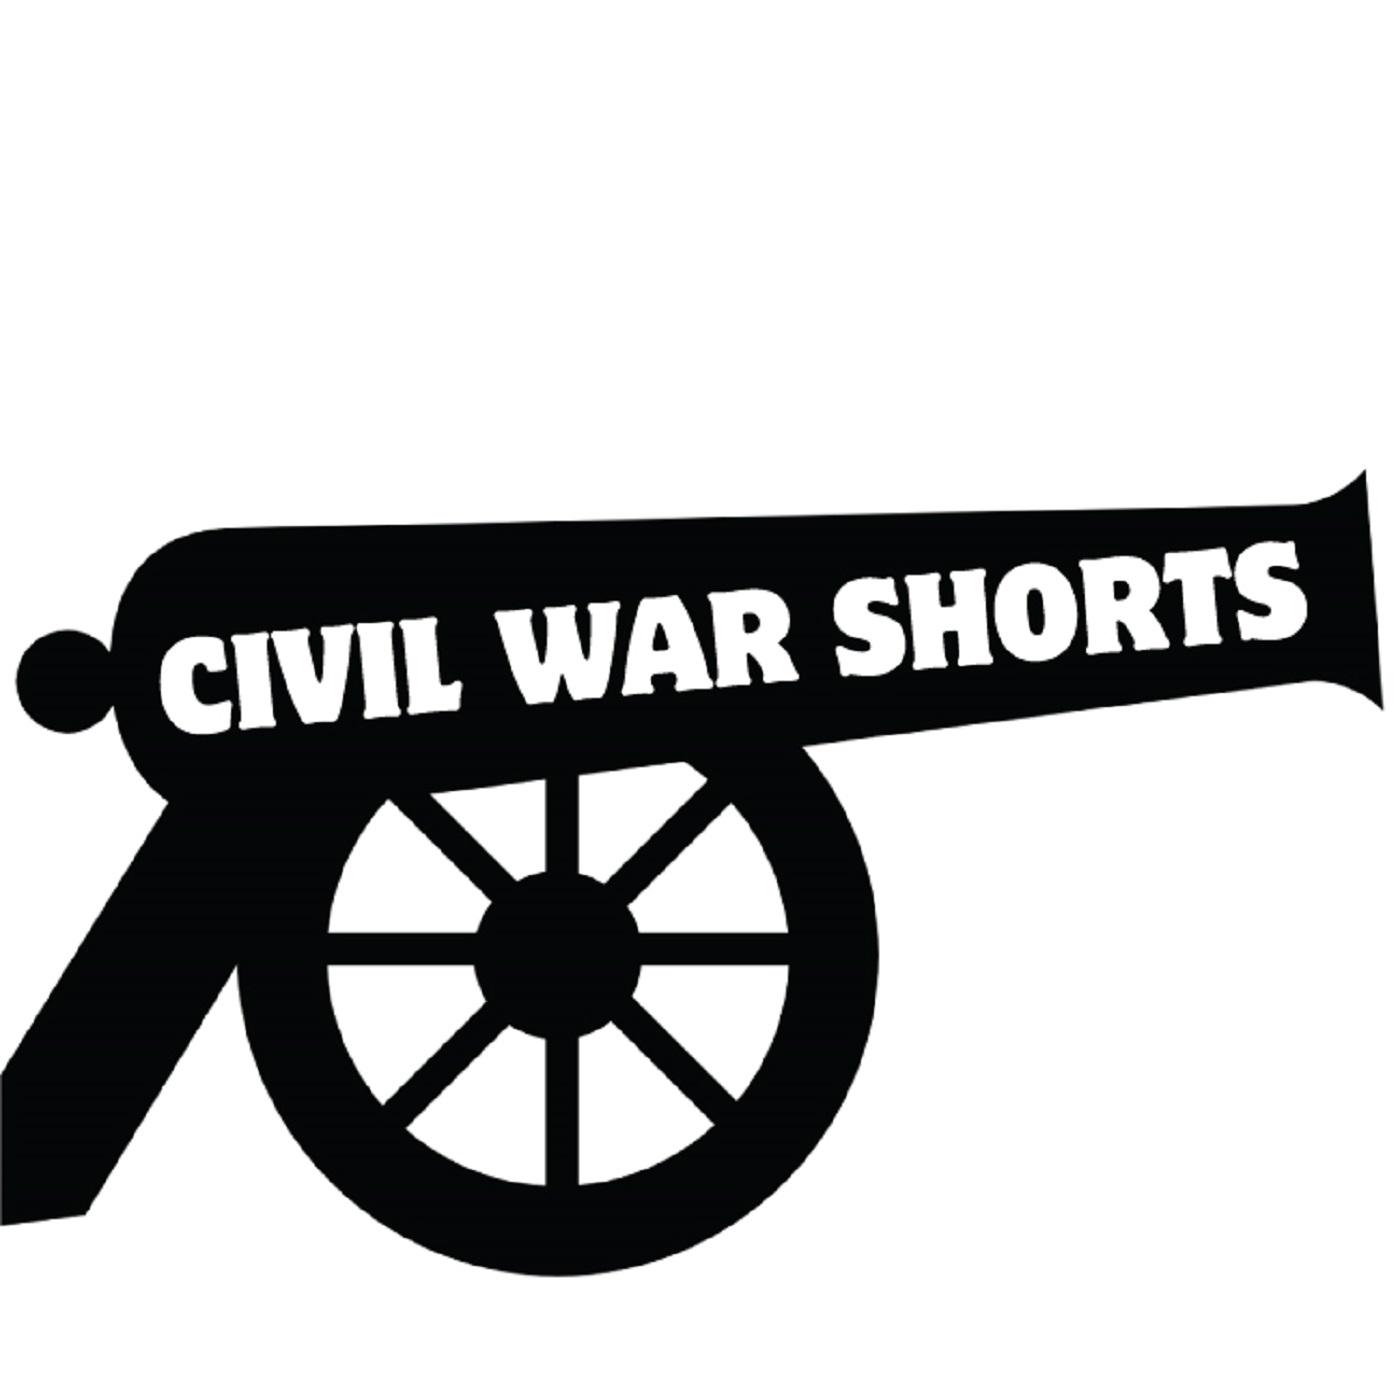 CivilWarShorts